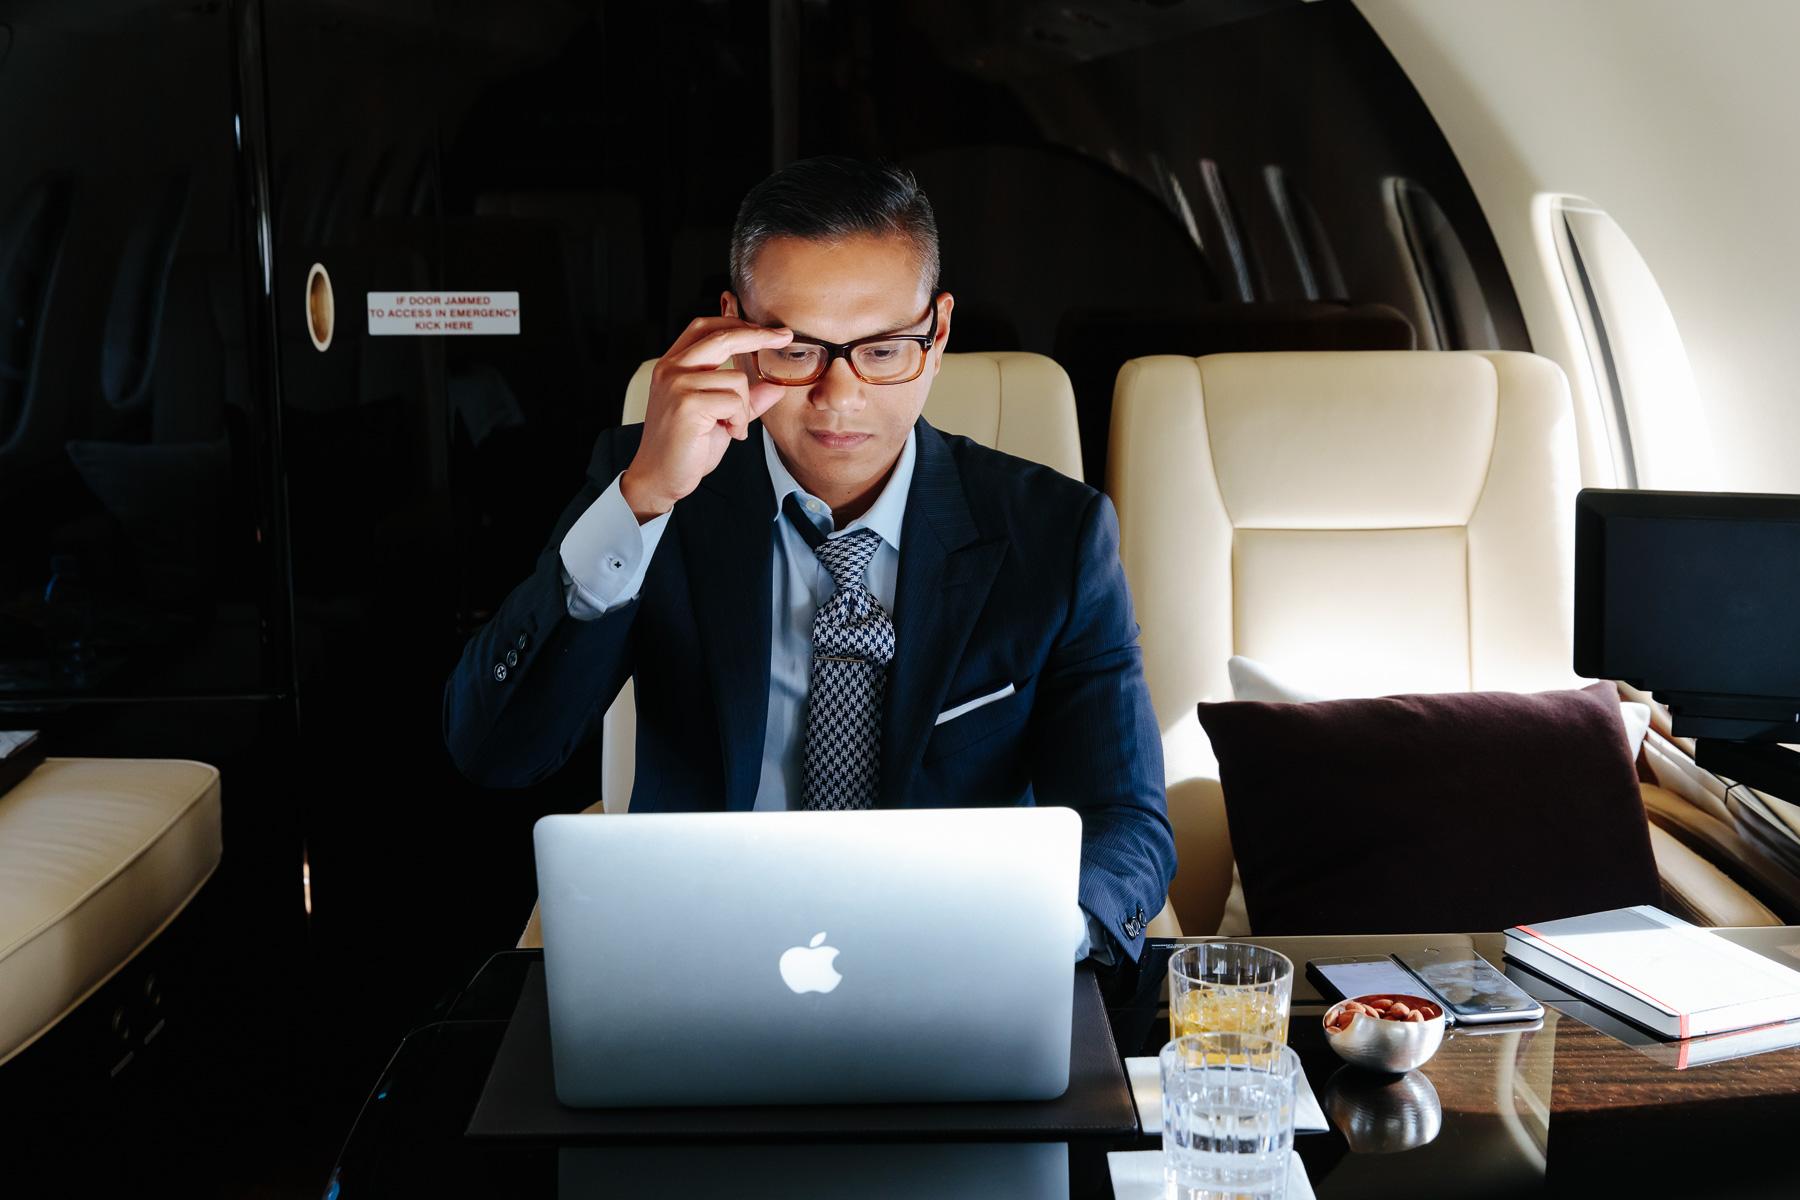 最新公务航空报告揭示商业精英和高净值旅客的飞行偏好